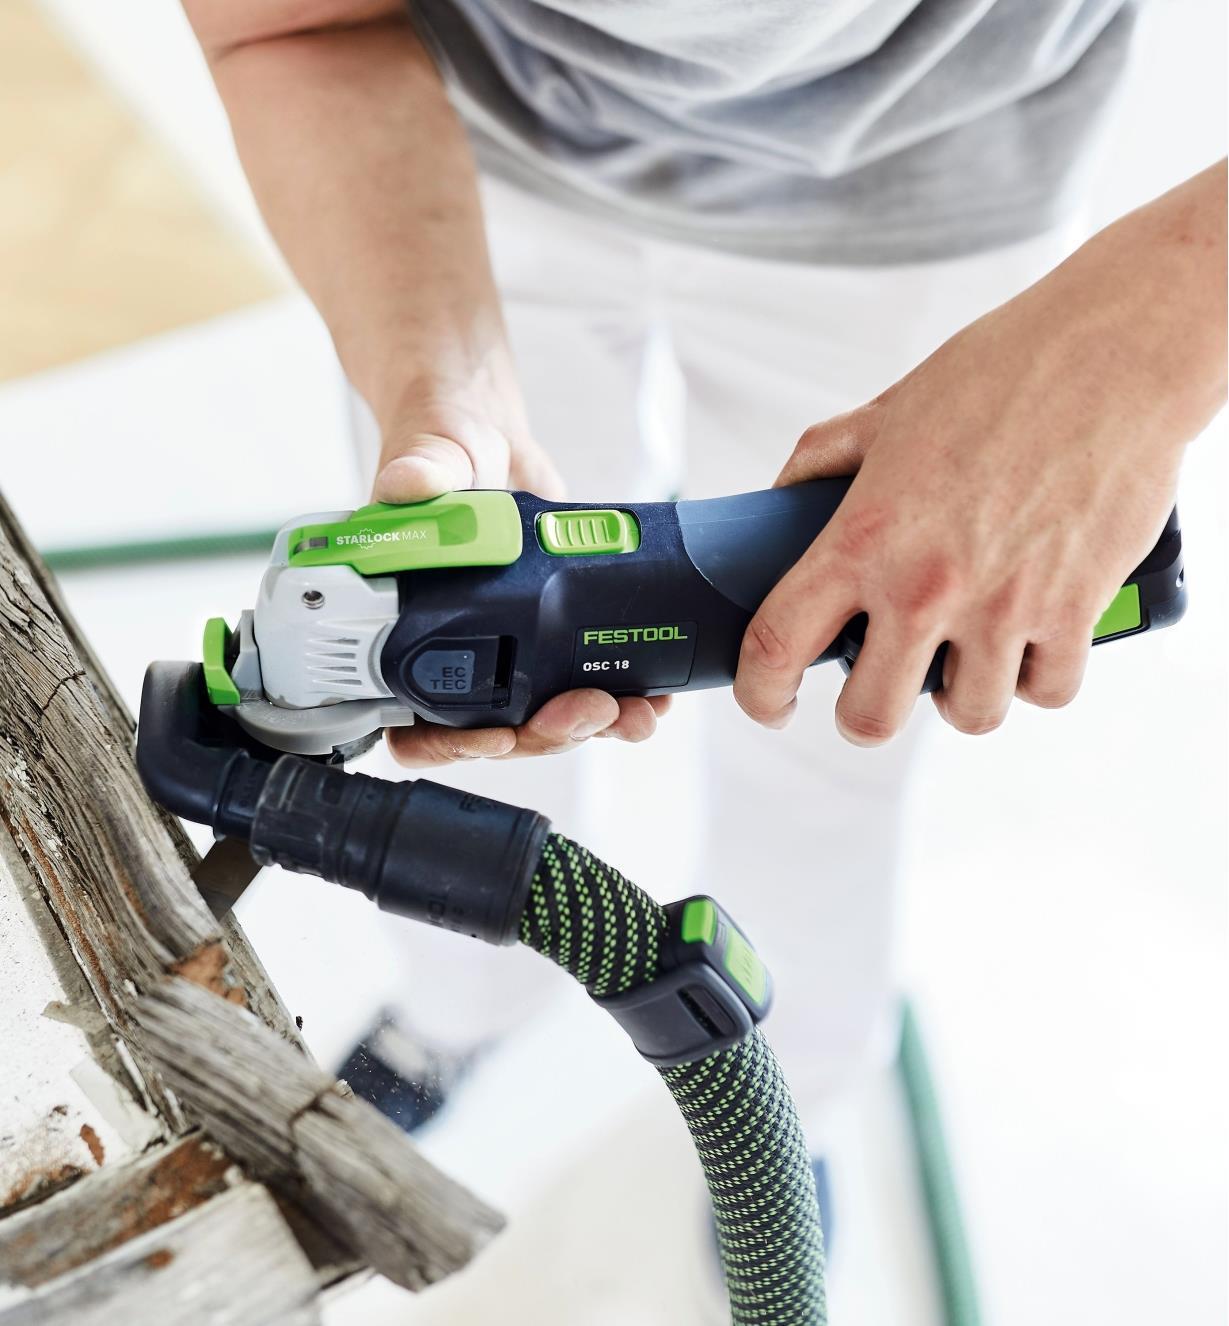 Personne utilisant un outil oscillant Vecturo OSC 18 muni d'une lame segmentée pour enlever le cadre en bois d'une fenêtre